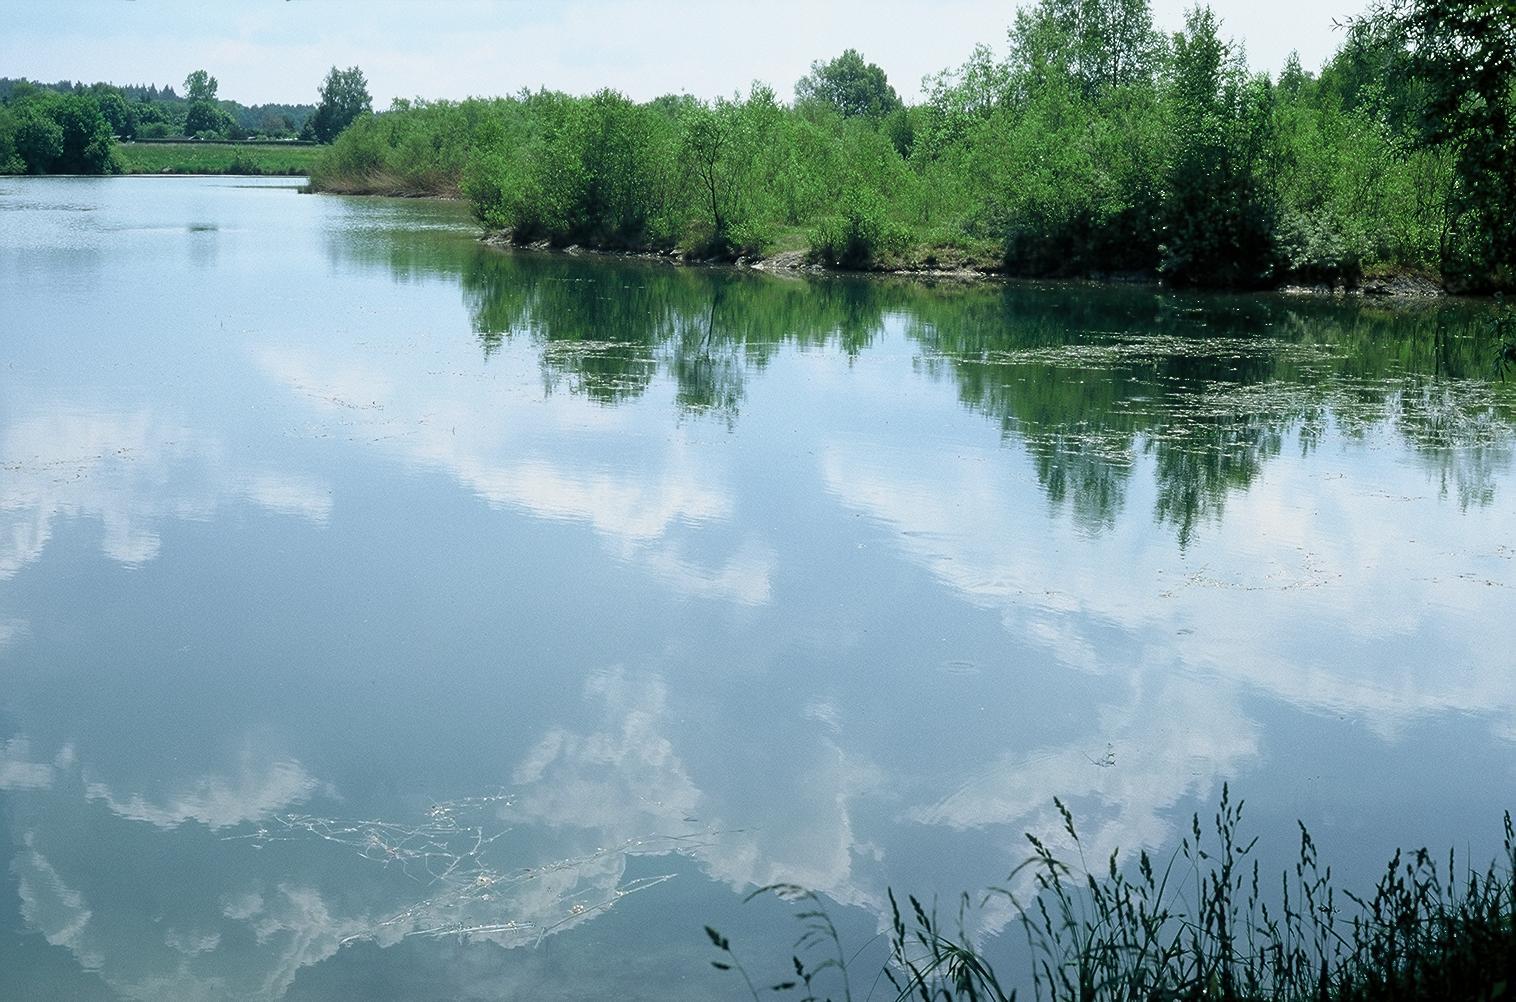 Machbarkeitsstudie zum Ausbau des Böhmerweihers als Badegewässer, München